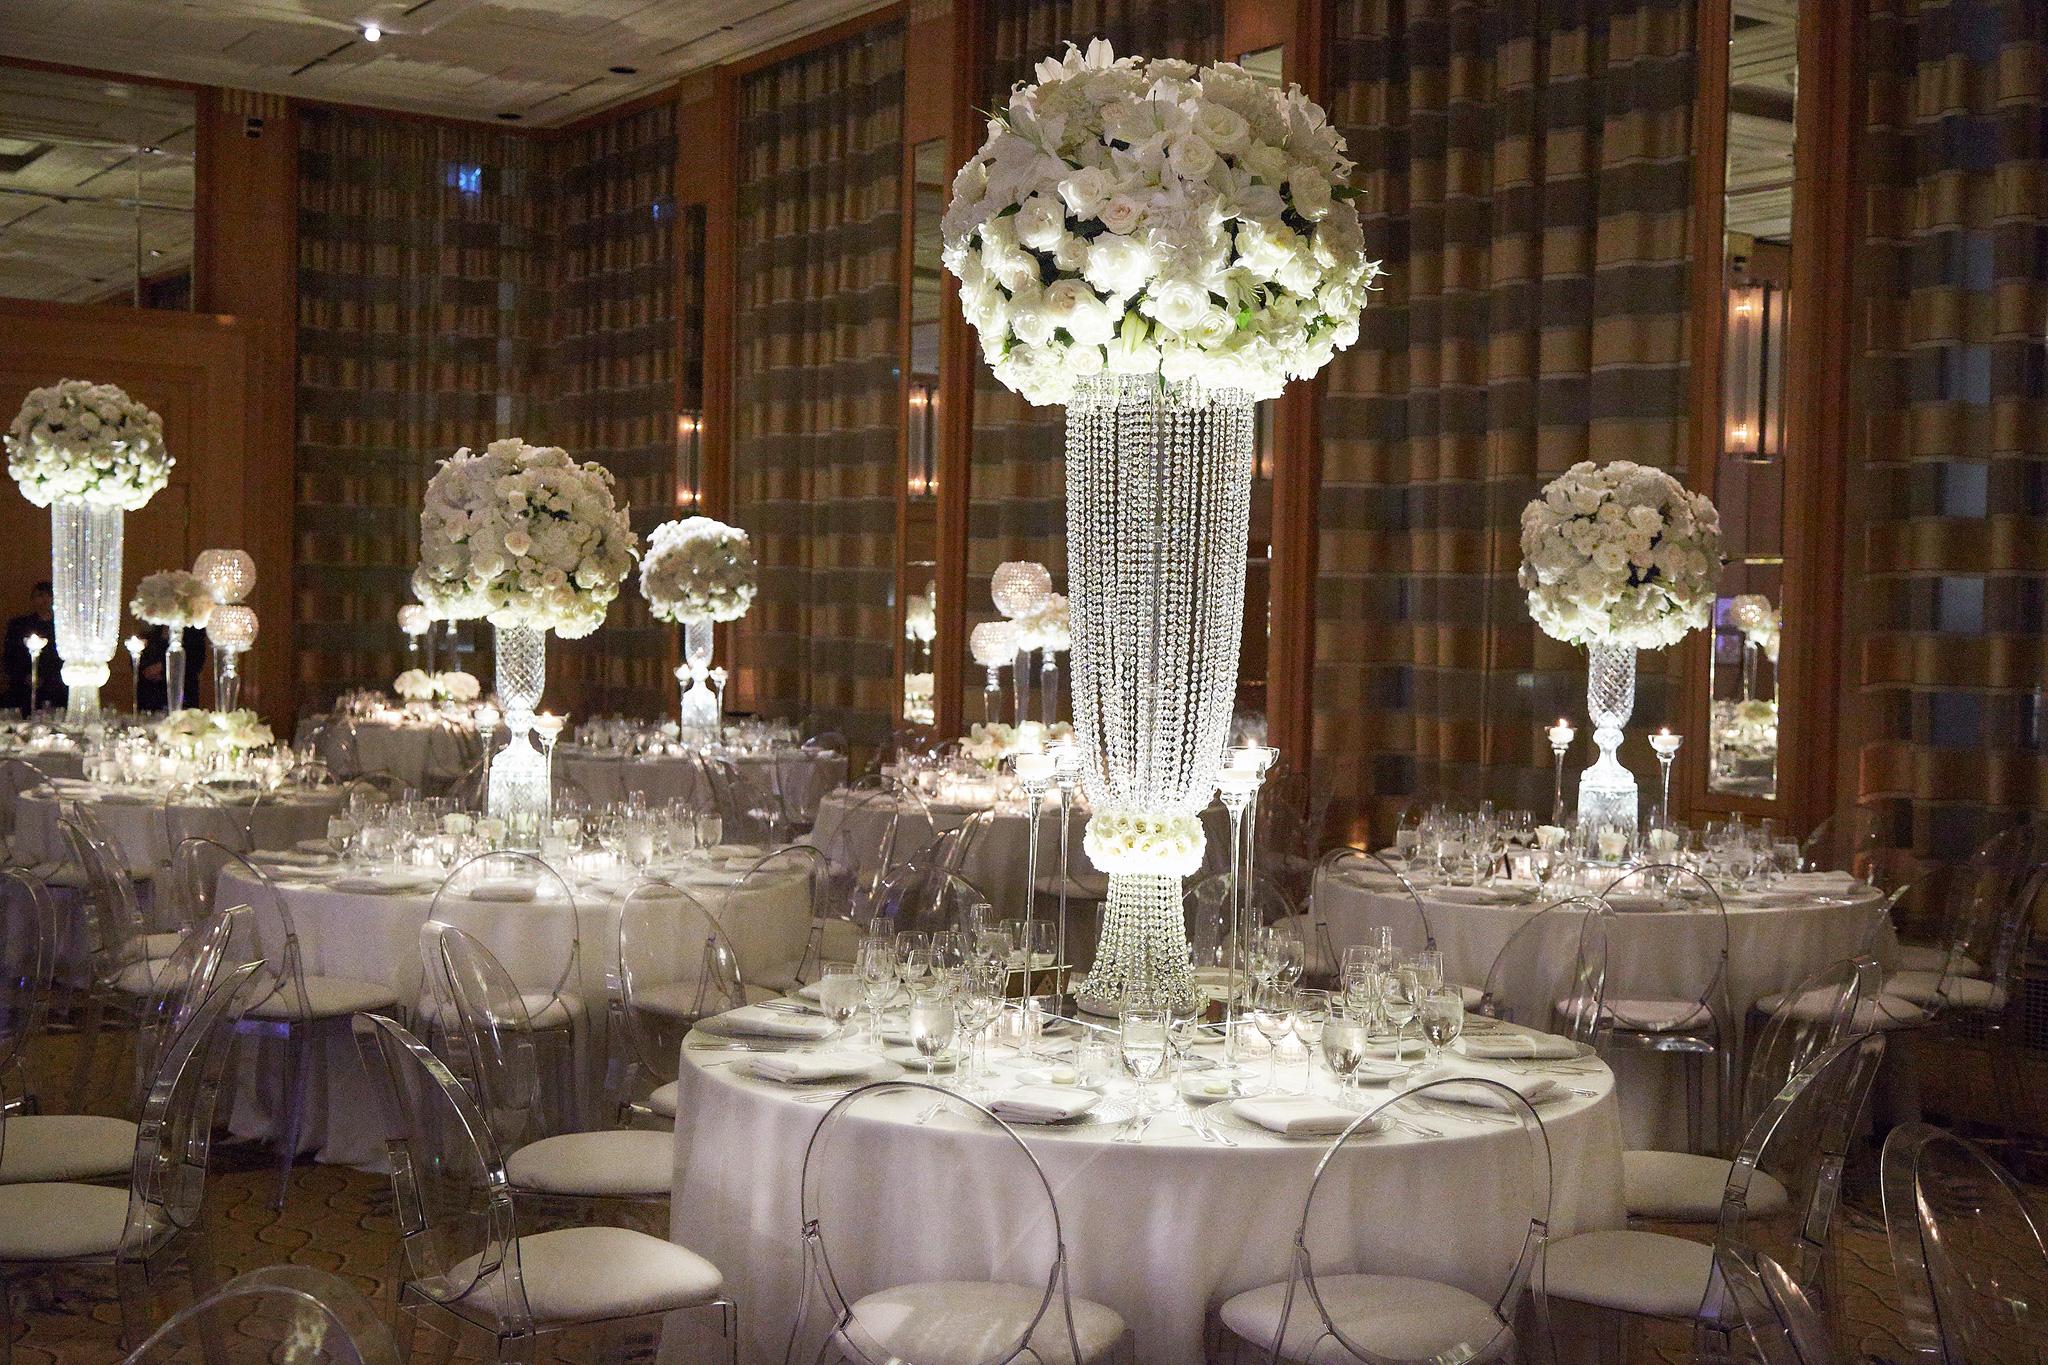 Wedding Reception Ideas: Choosing Tall Vs. Short